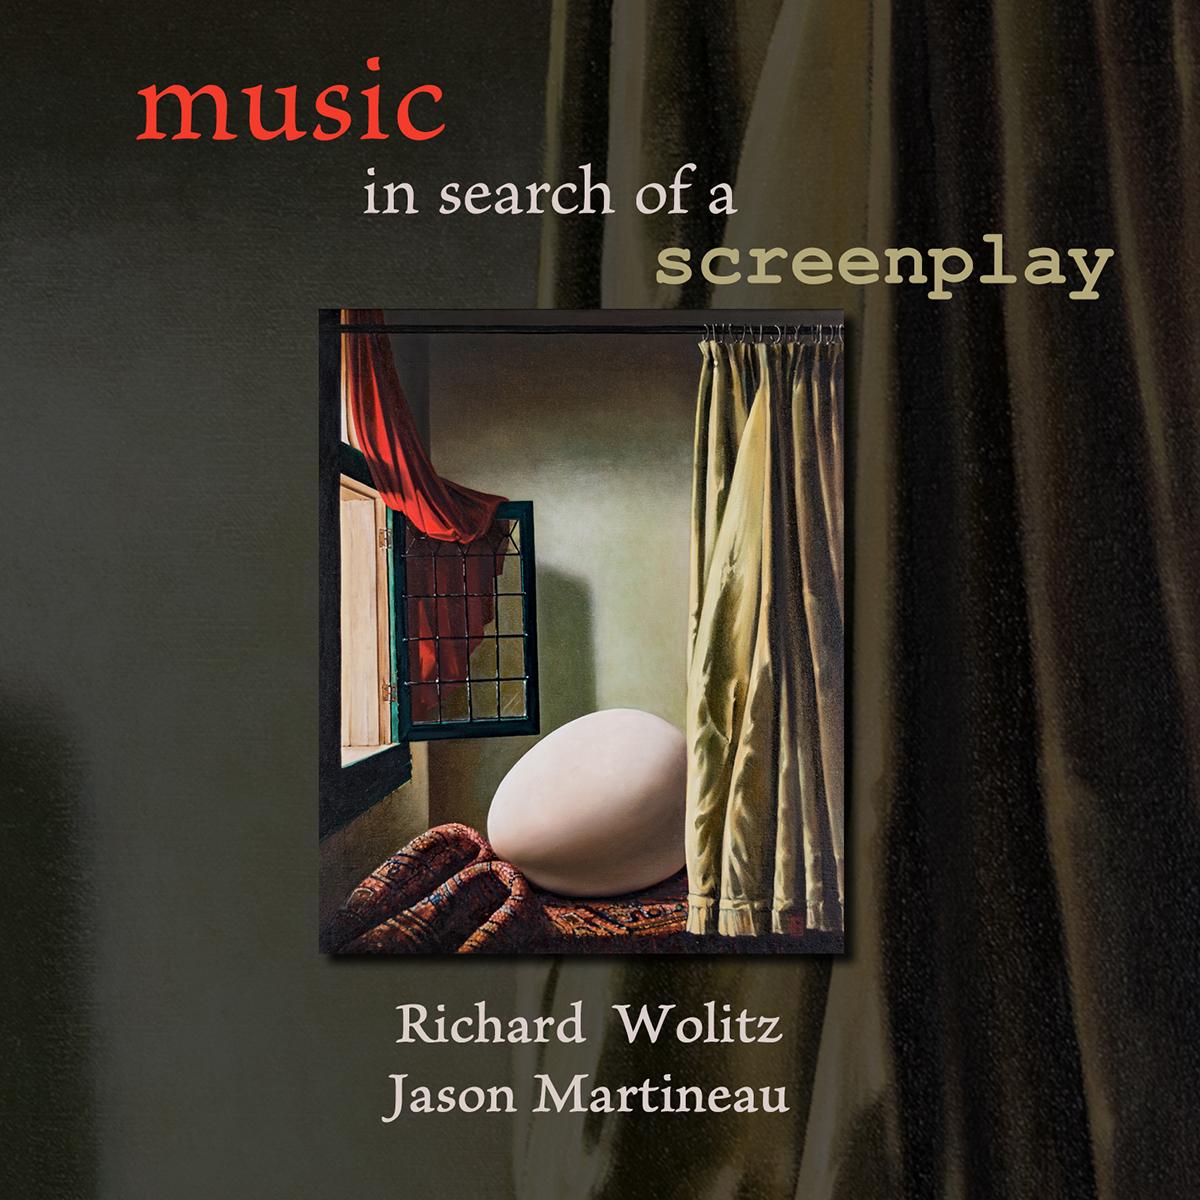 online cover art.jpg